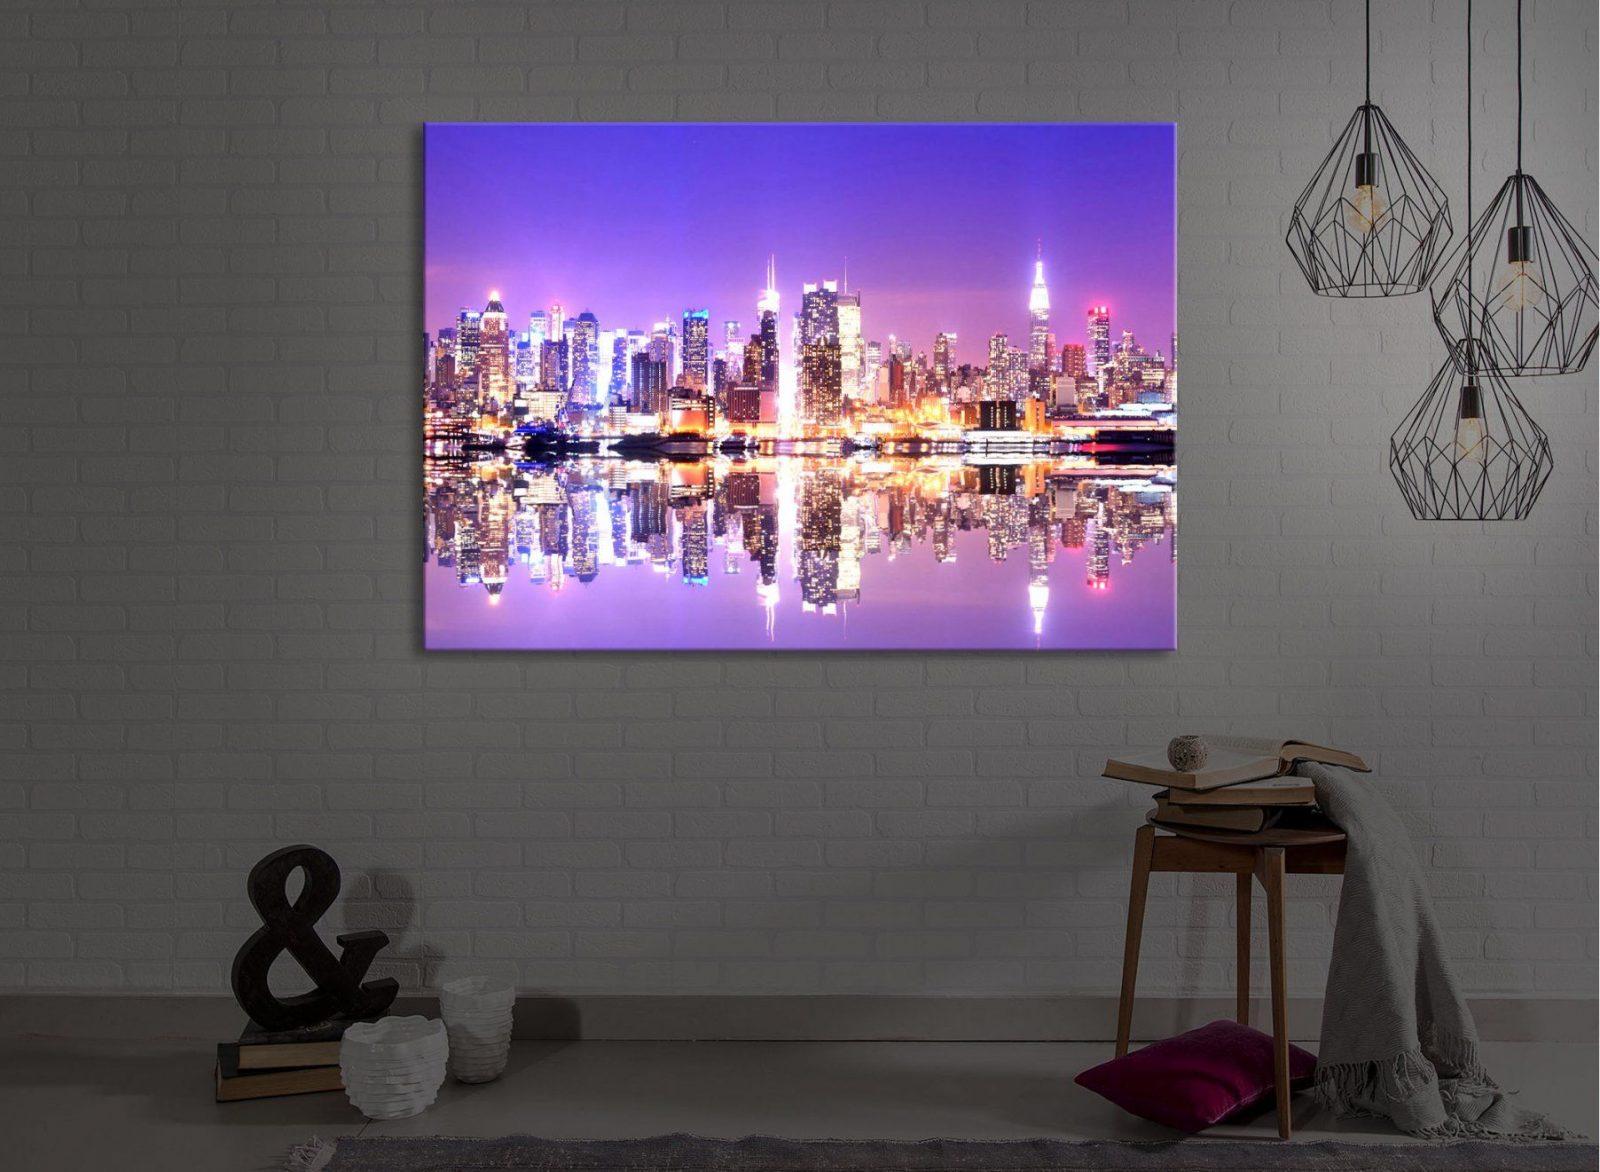 Leuchtbild Led Bild  Manhattan Skyline Spiegelung  Fully Lighted von Led Leinwandbild Selber Machen Photo